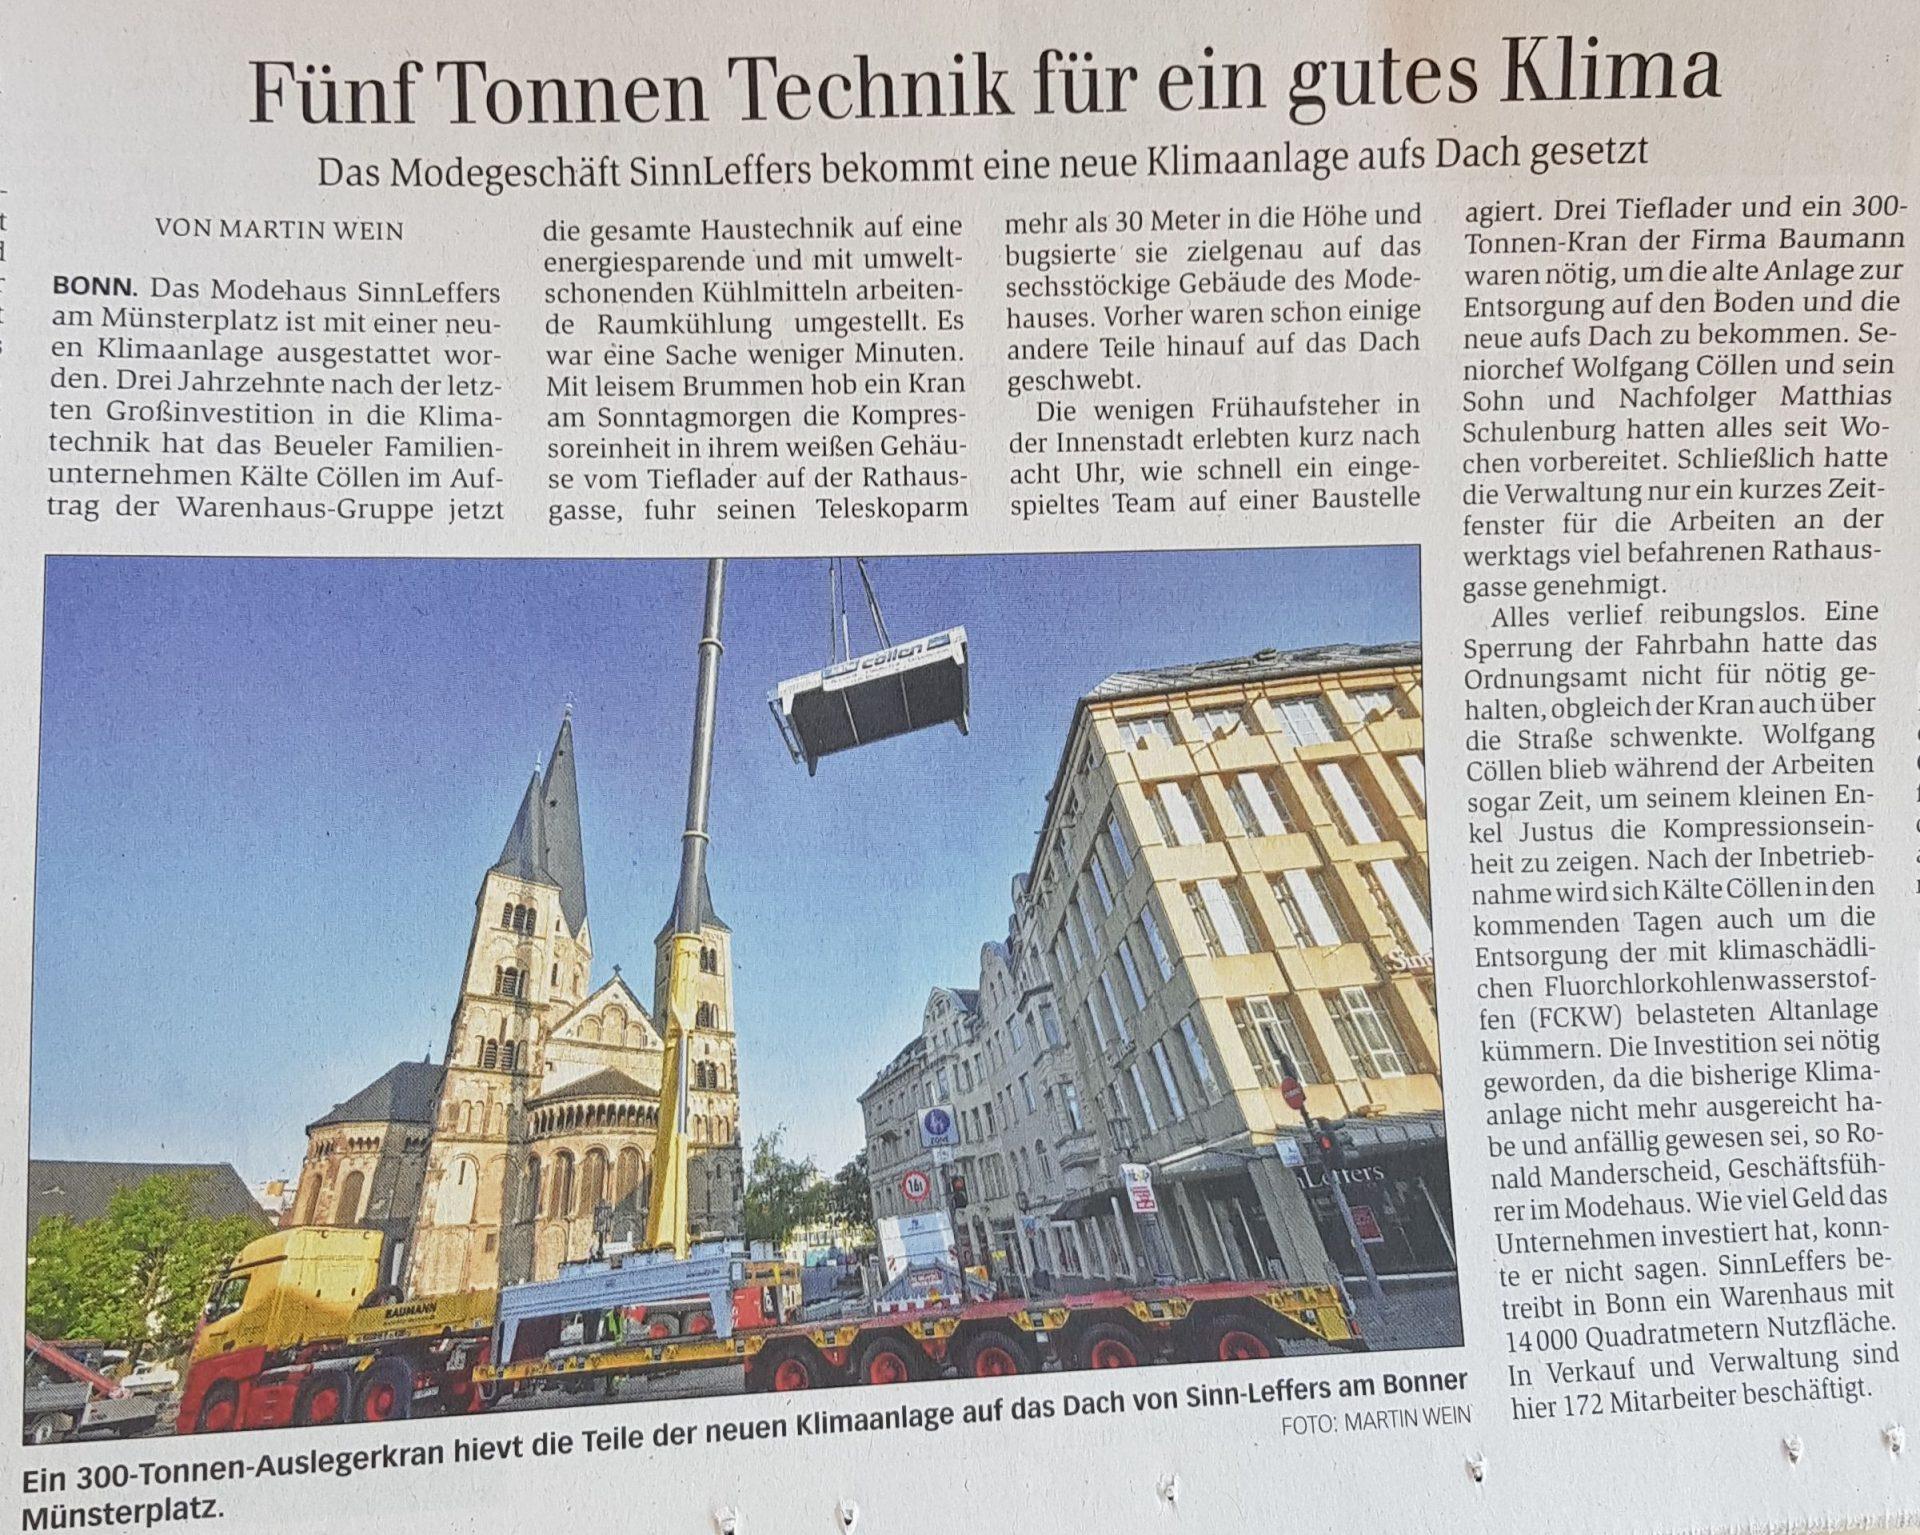 General Anzeiger Bonn kälte cöllen gmbh Baumann Leffers